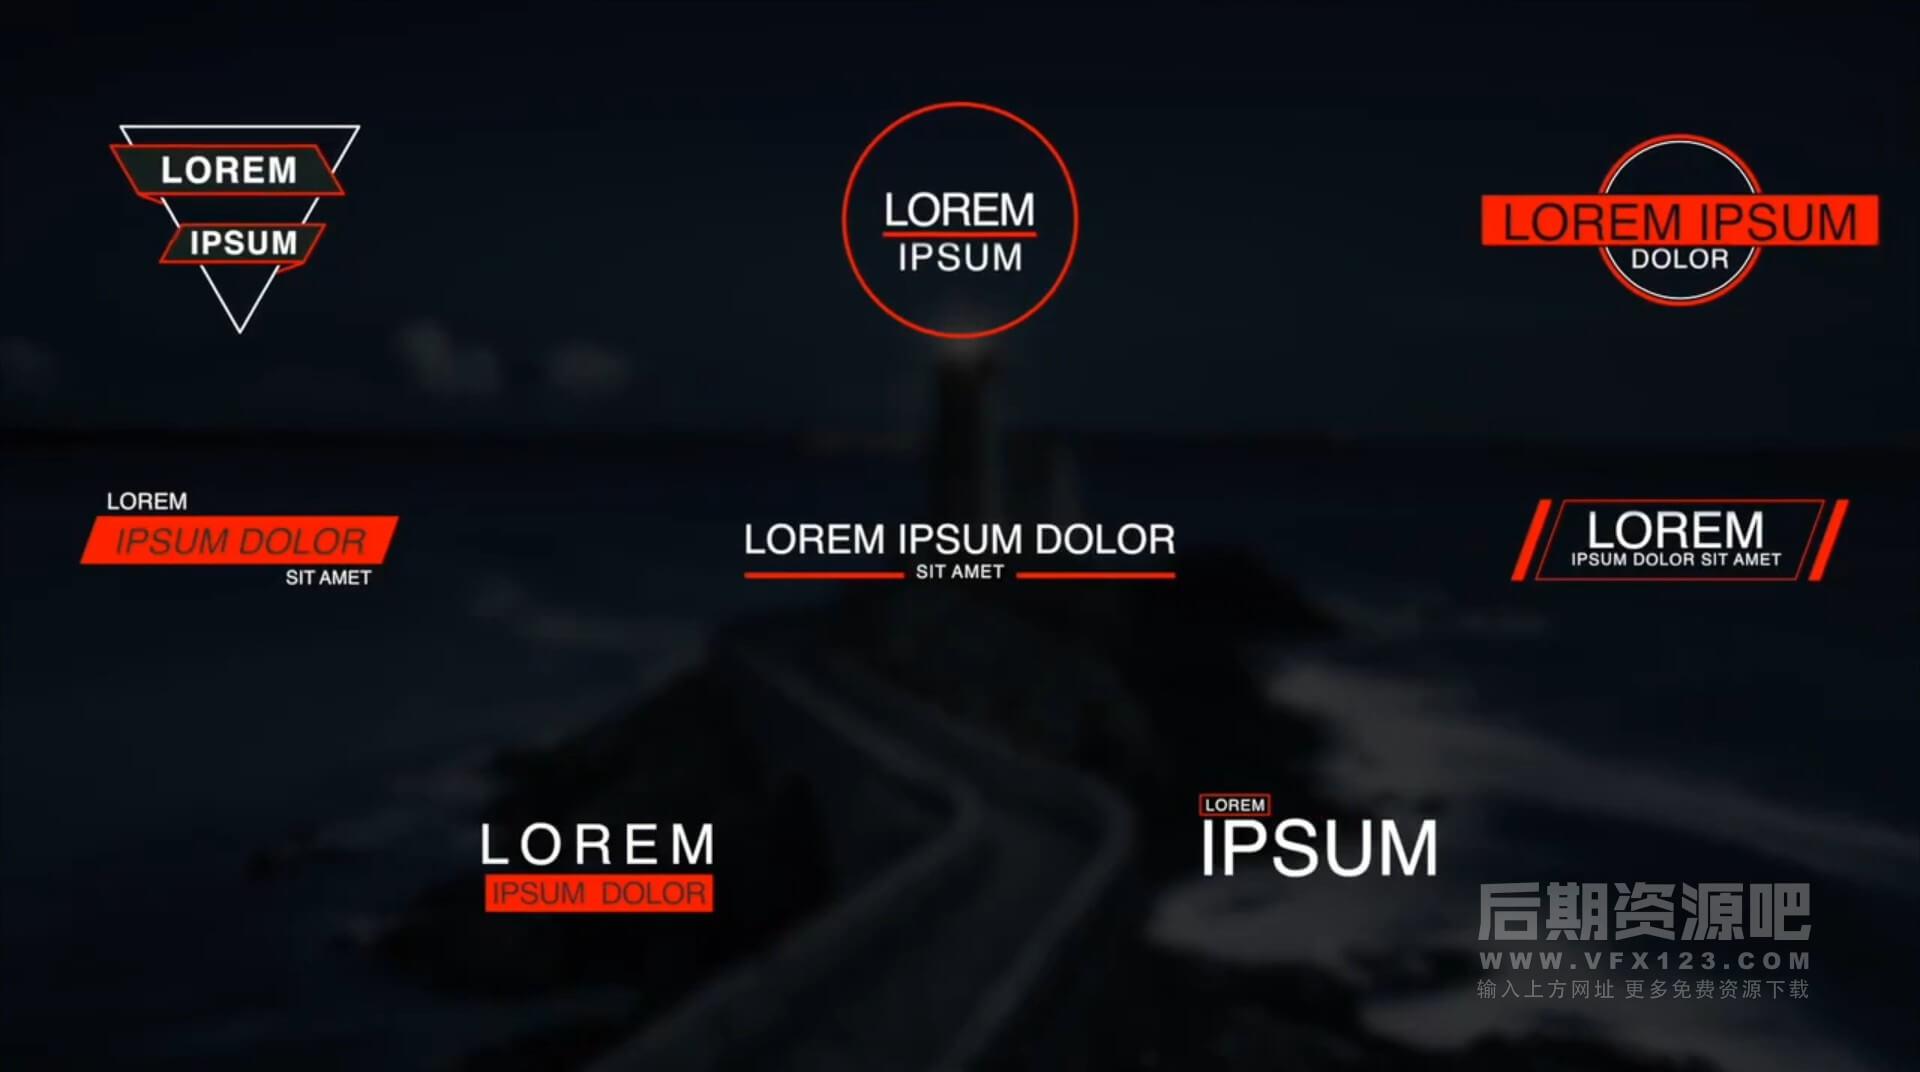 FCPX标题插件 40组简约大方字幕文字标题模板 Simple Titles